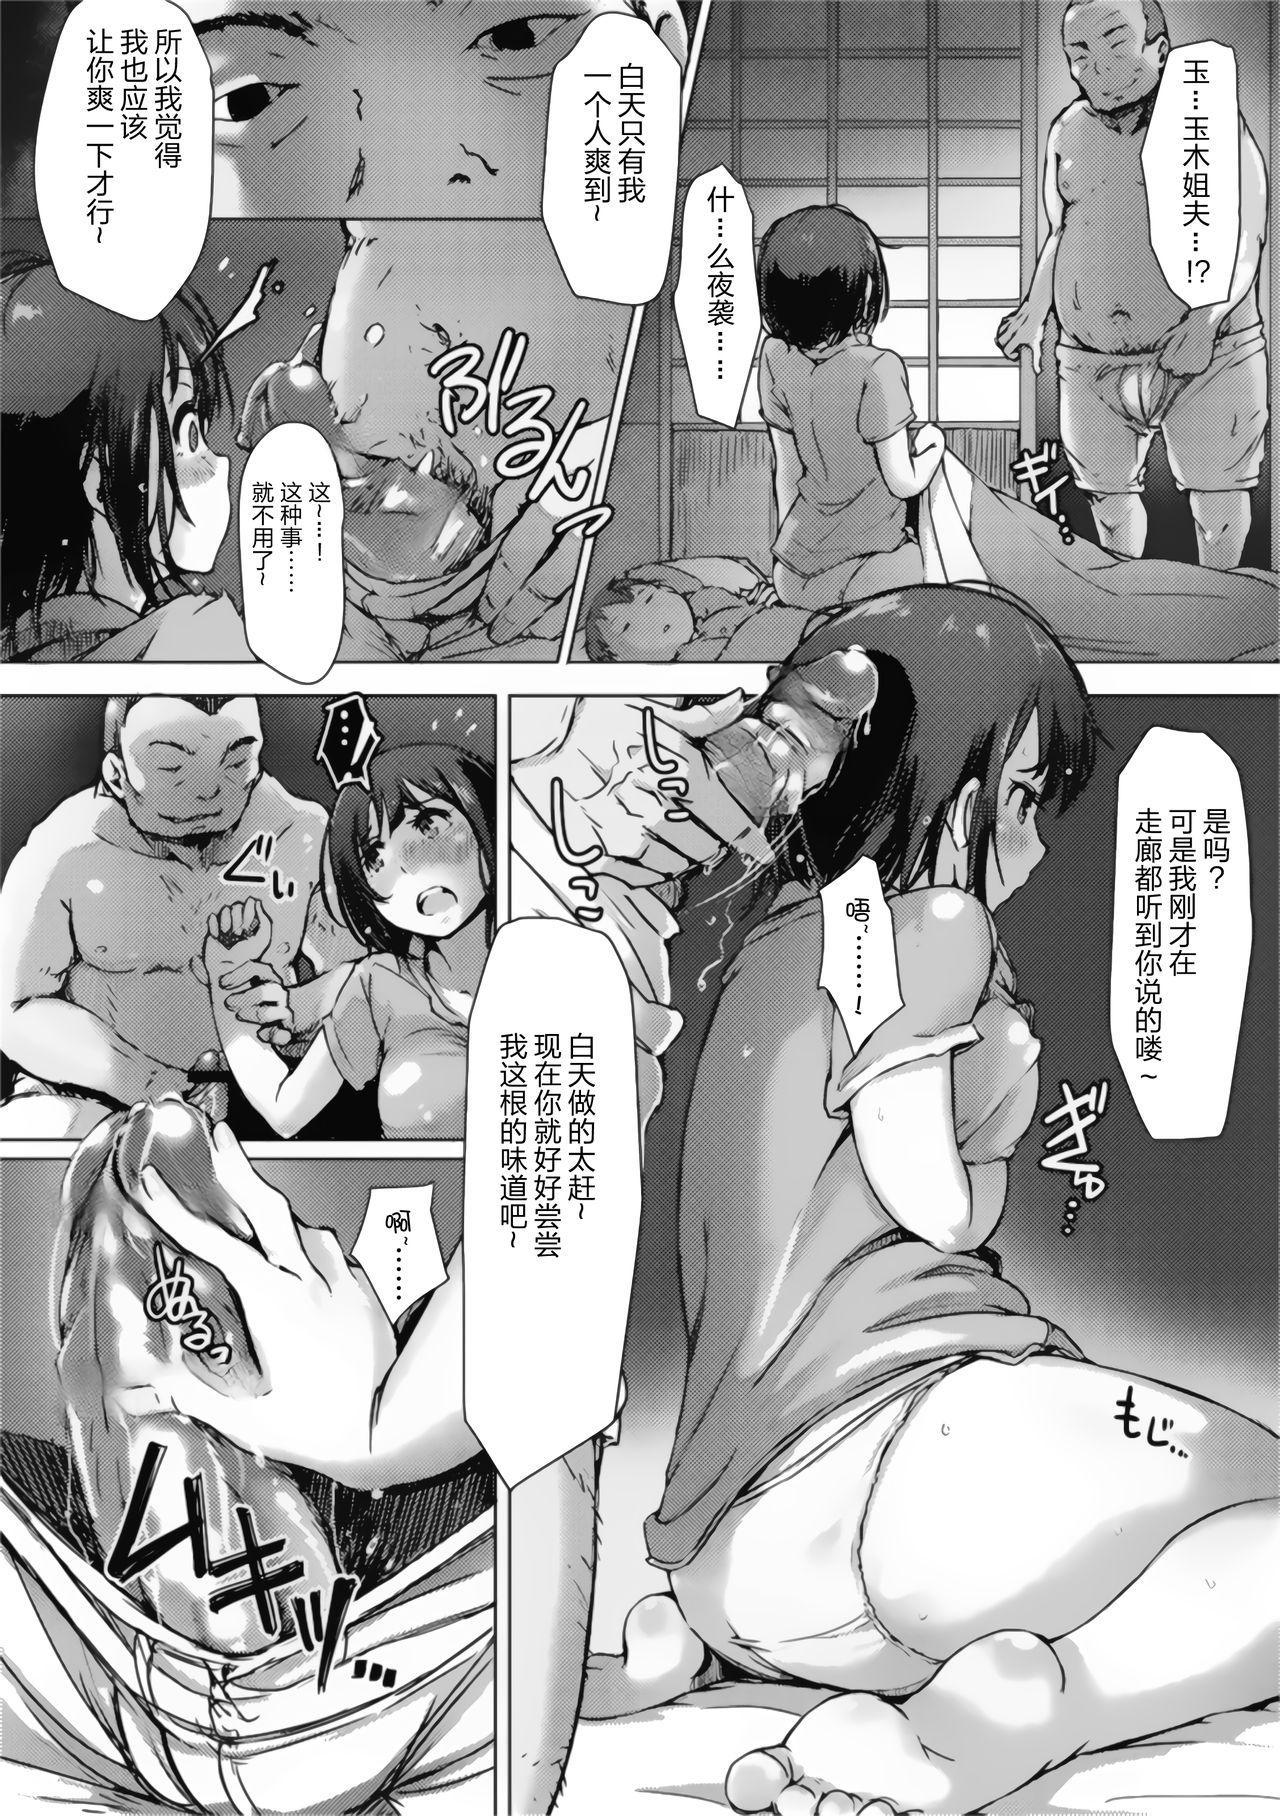 Yue ni Hitozuma wa Netorareta. 212